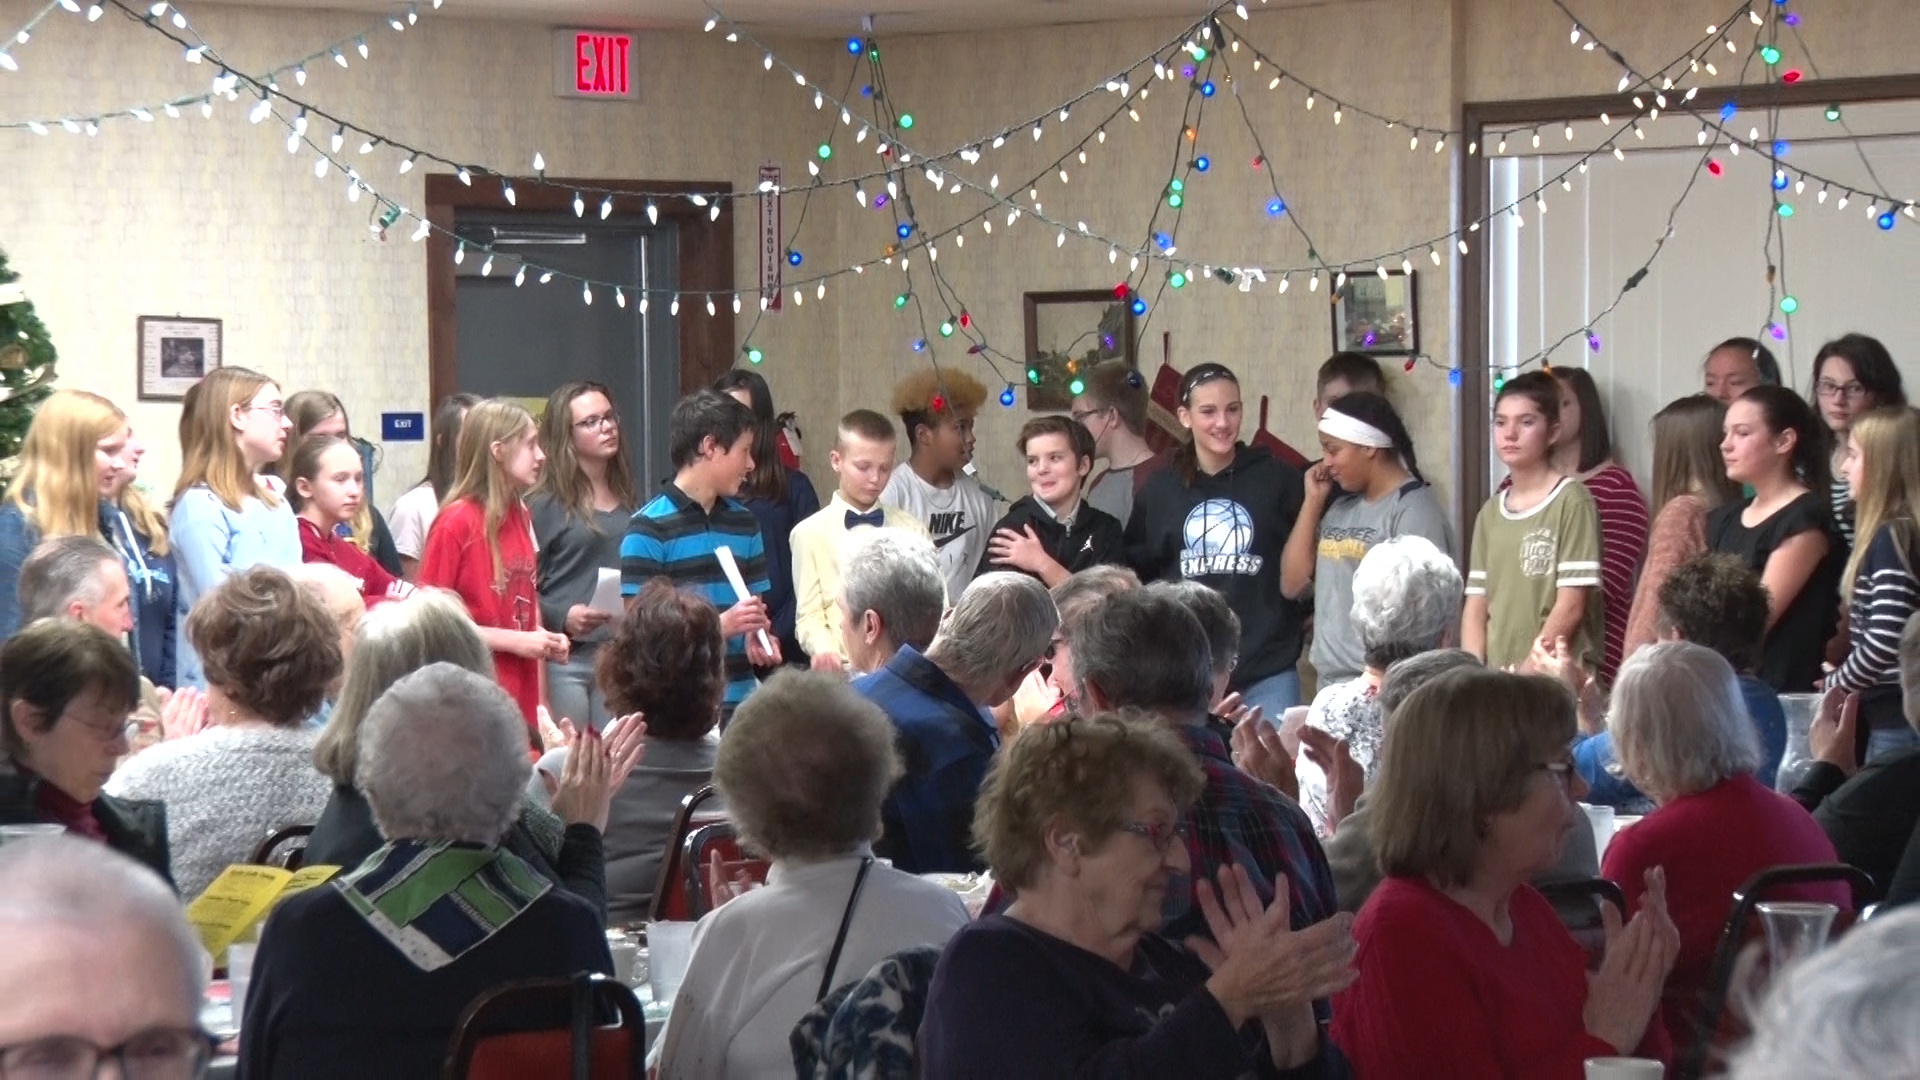 Middle school choir shares Christmas Spirit - ABC 10/CW 5